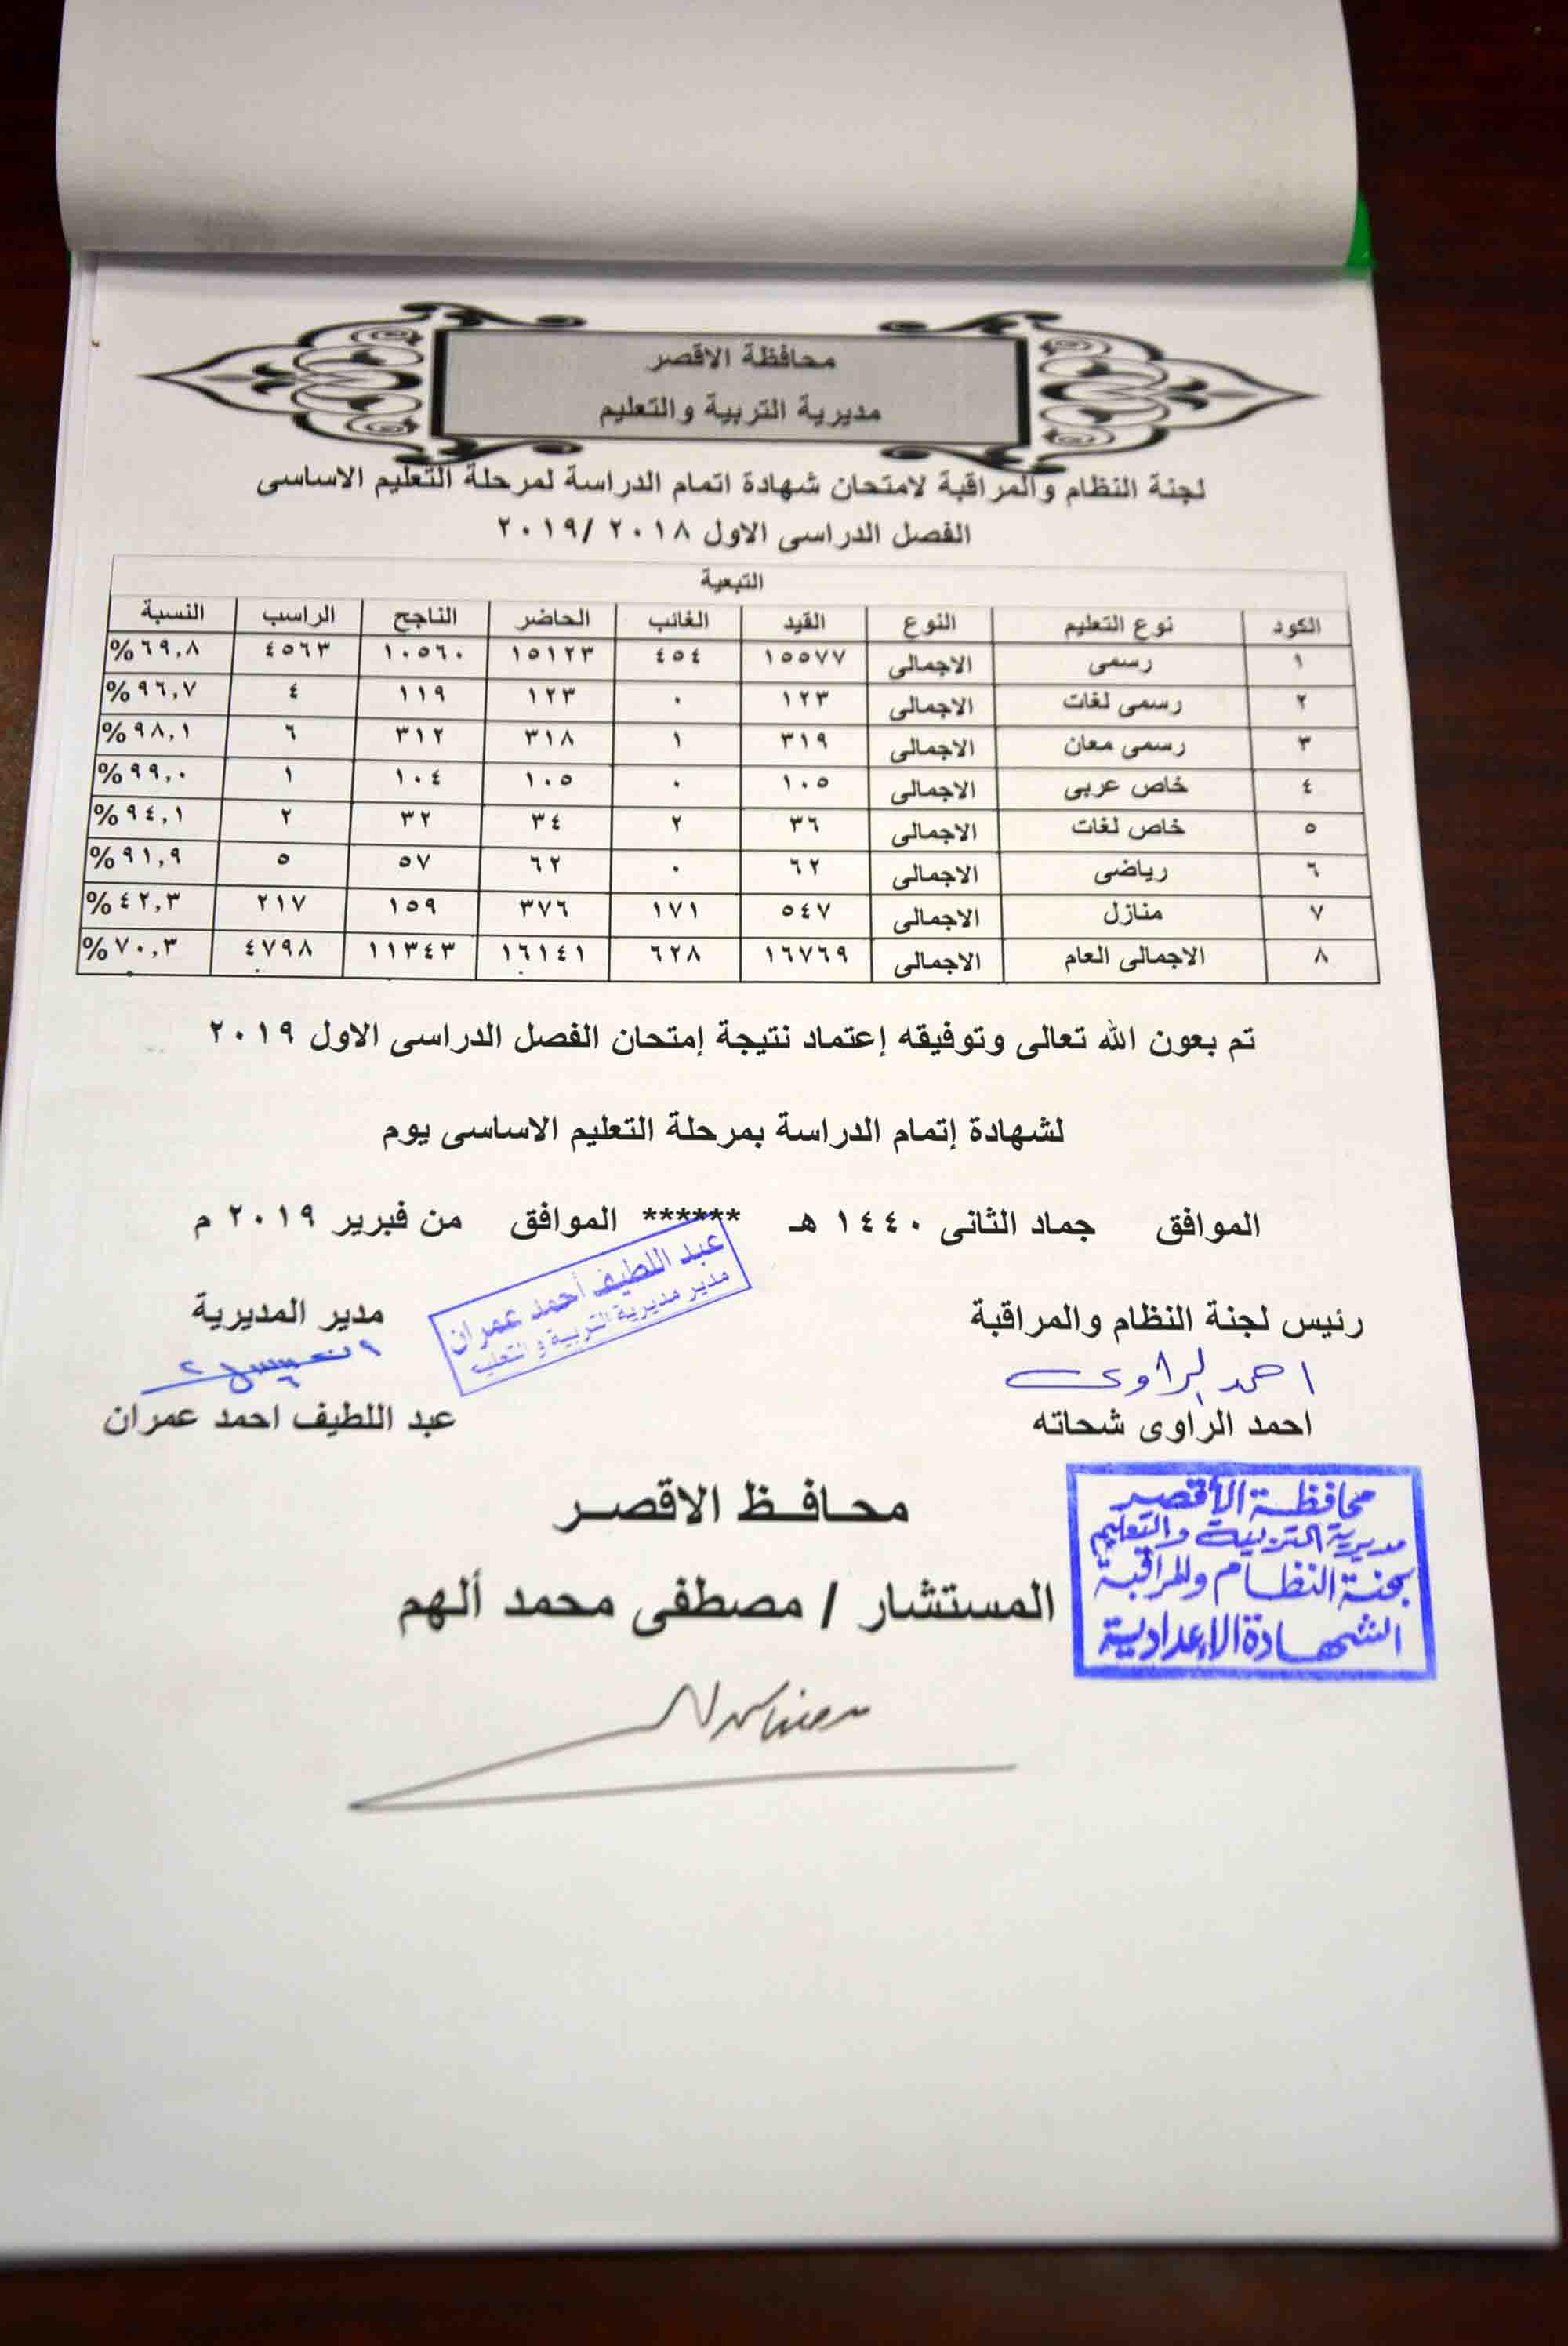 نتيجة محافظة الأقصر للشهادتين الابتدائية والإعدادية 2019 ترم أول برقم الجلوس